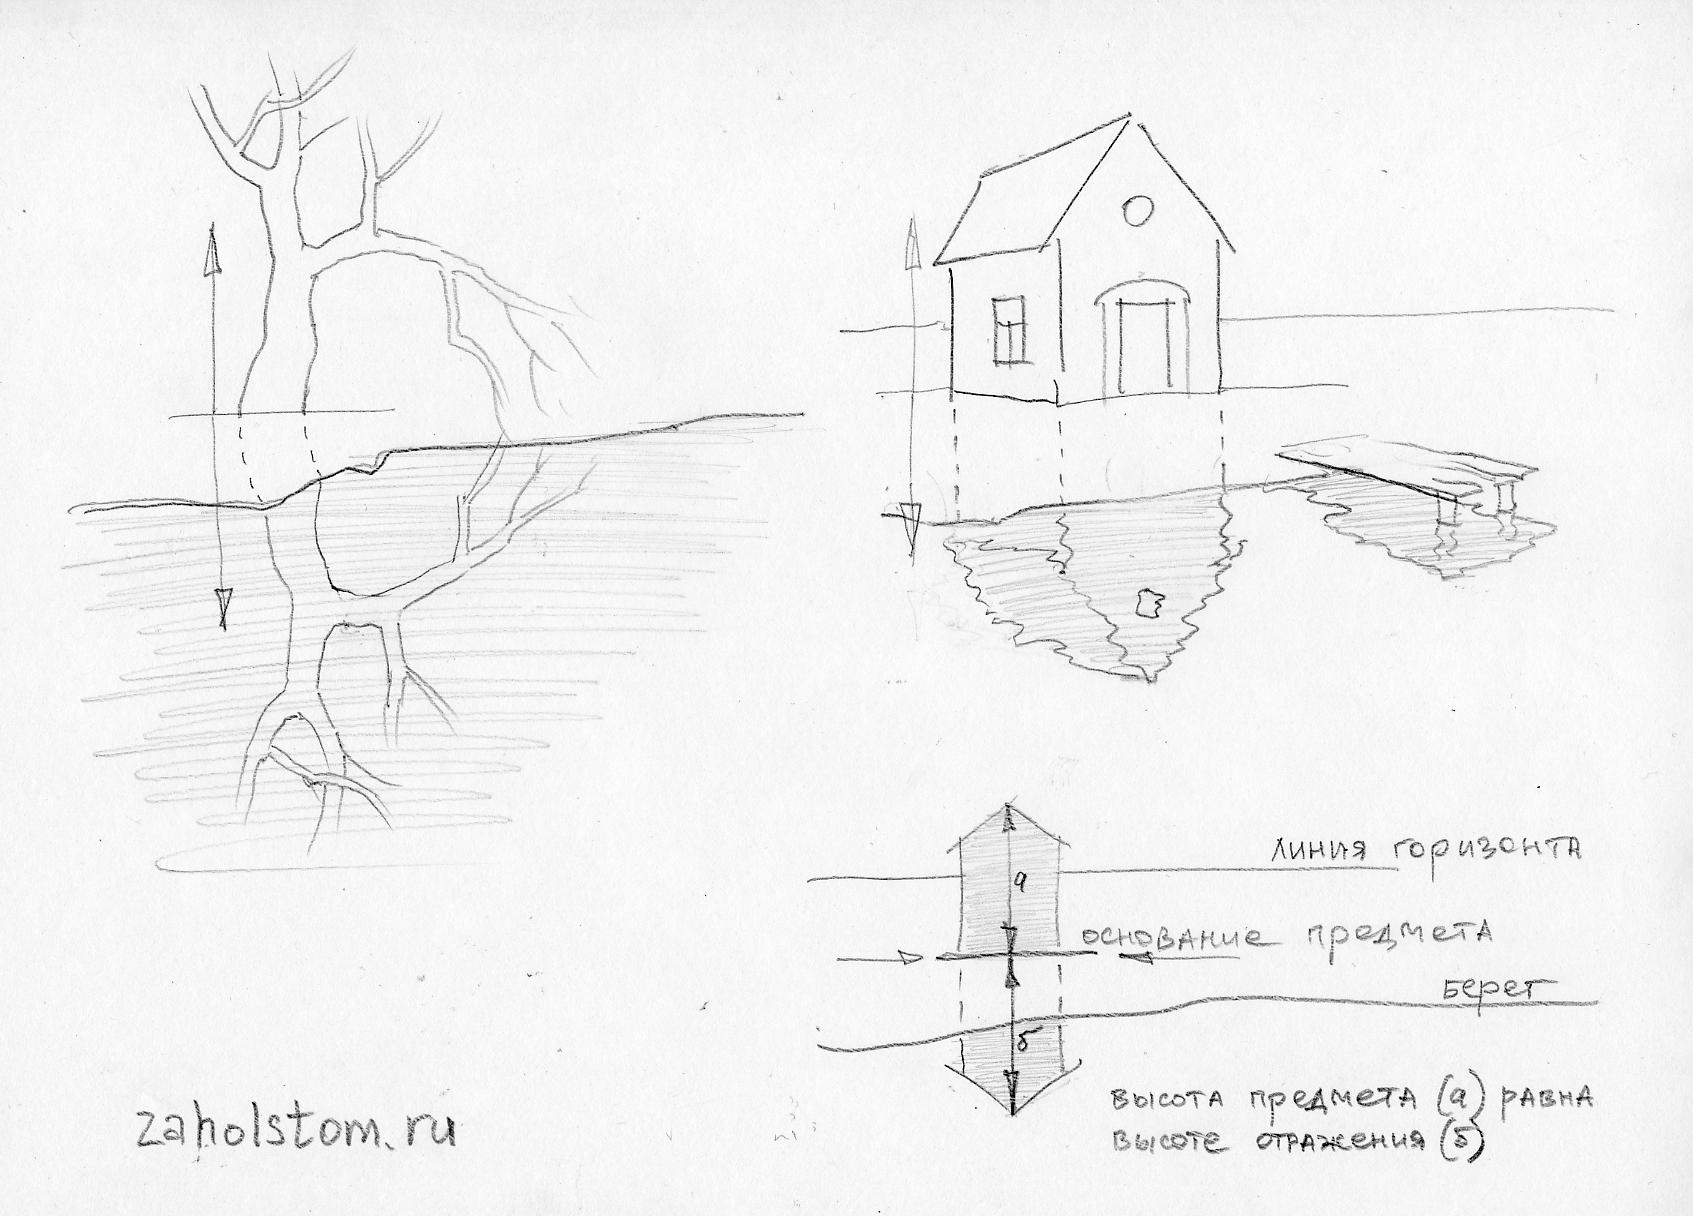 Как нарисовать отражение в воде? (Схема)